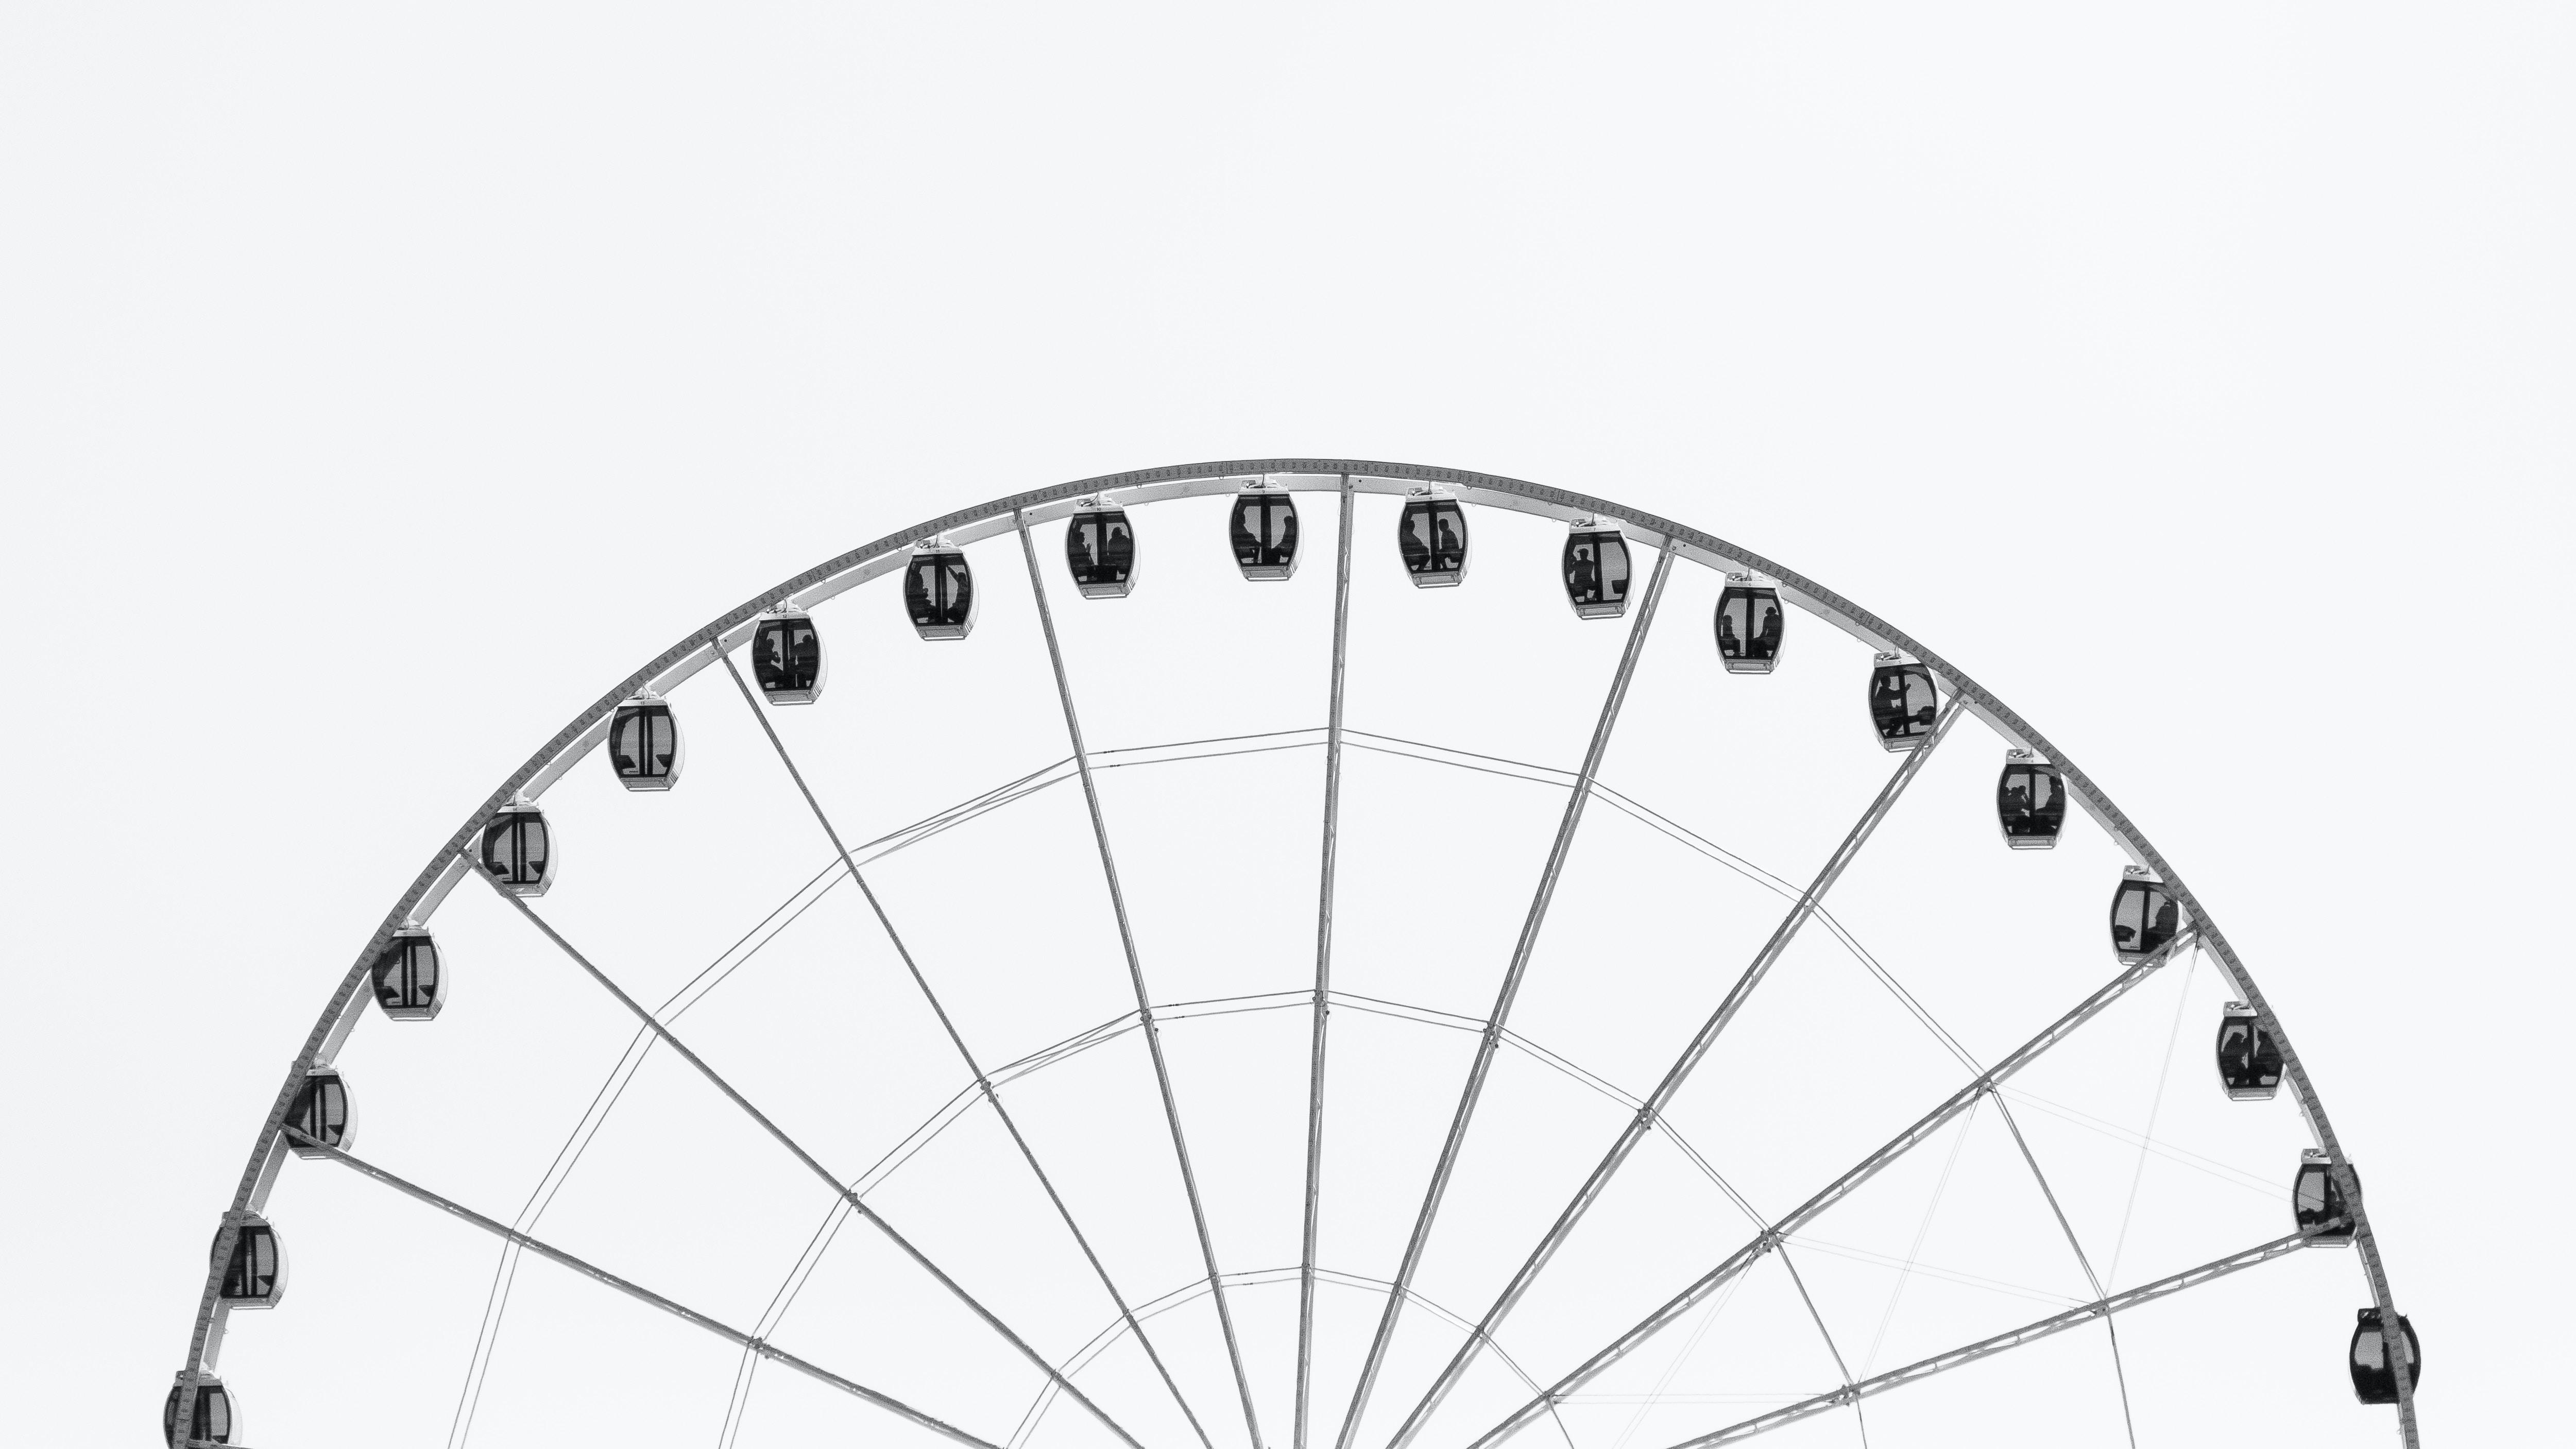 Schwarz-weiß Foto eines Riesenrads